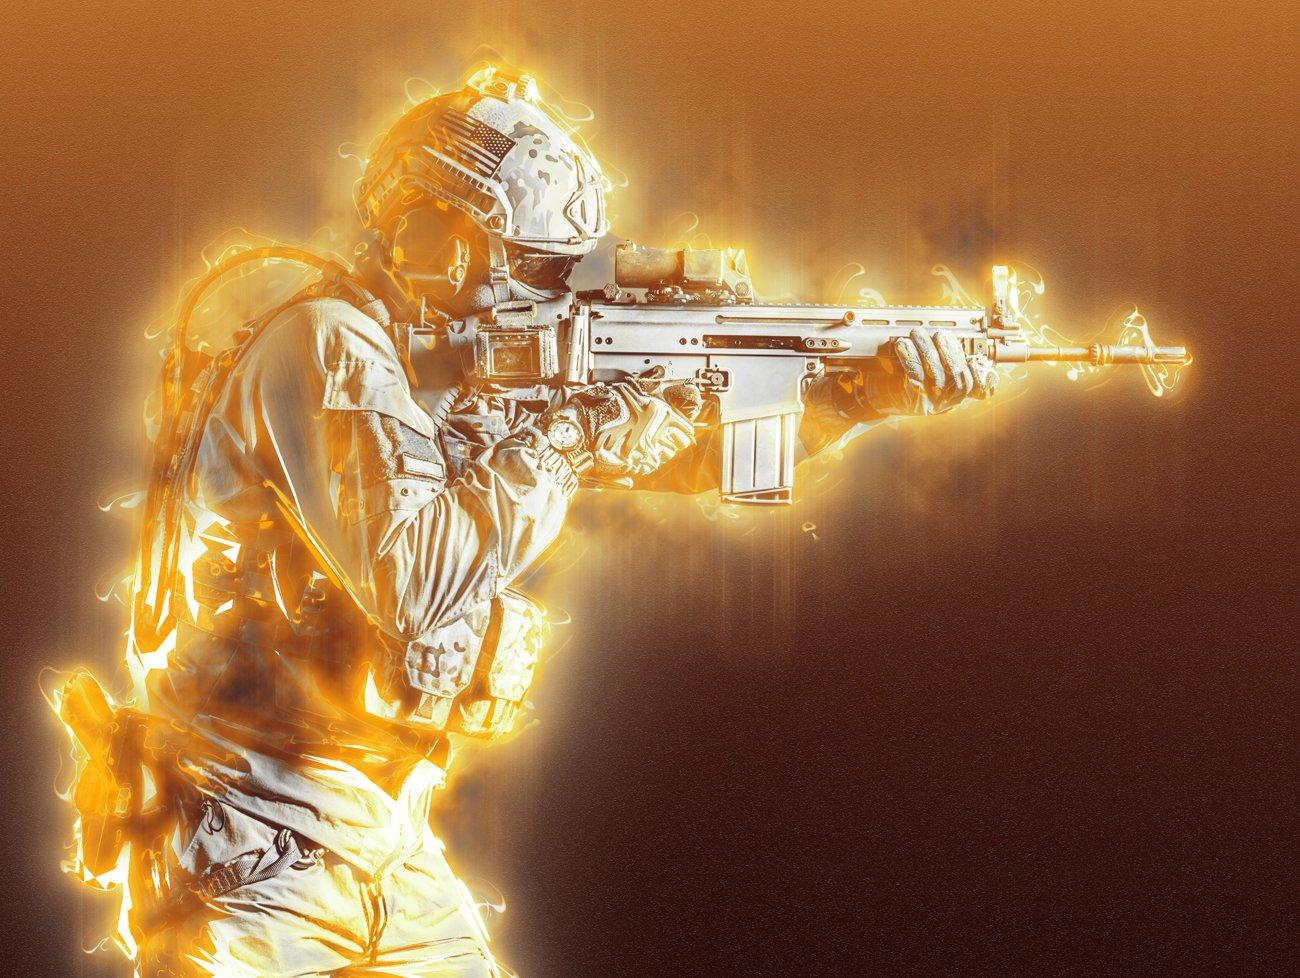 超炫能力发光效果照片处理特效PS动作素材 Light Photoshop Action插图5